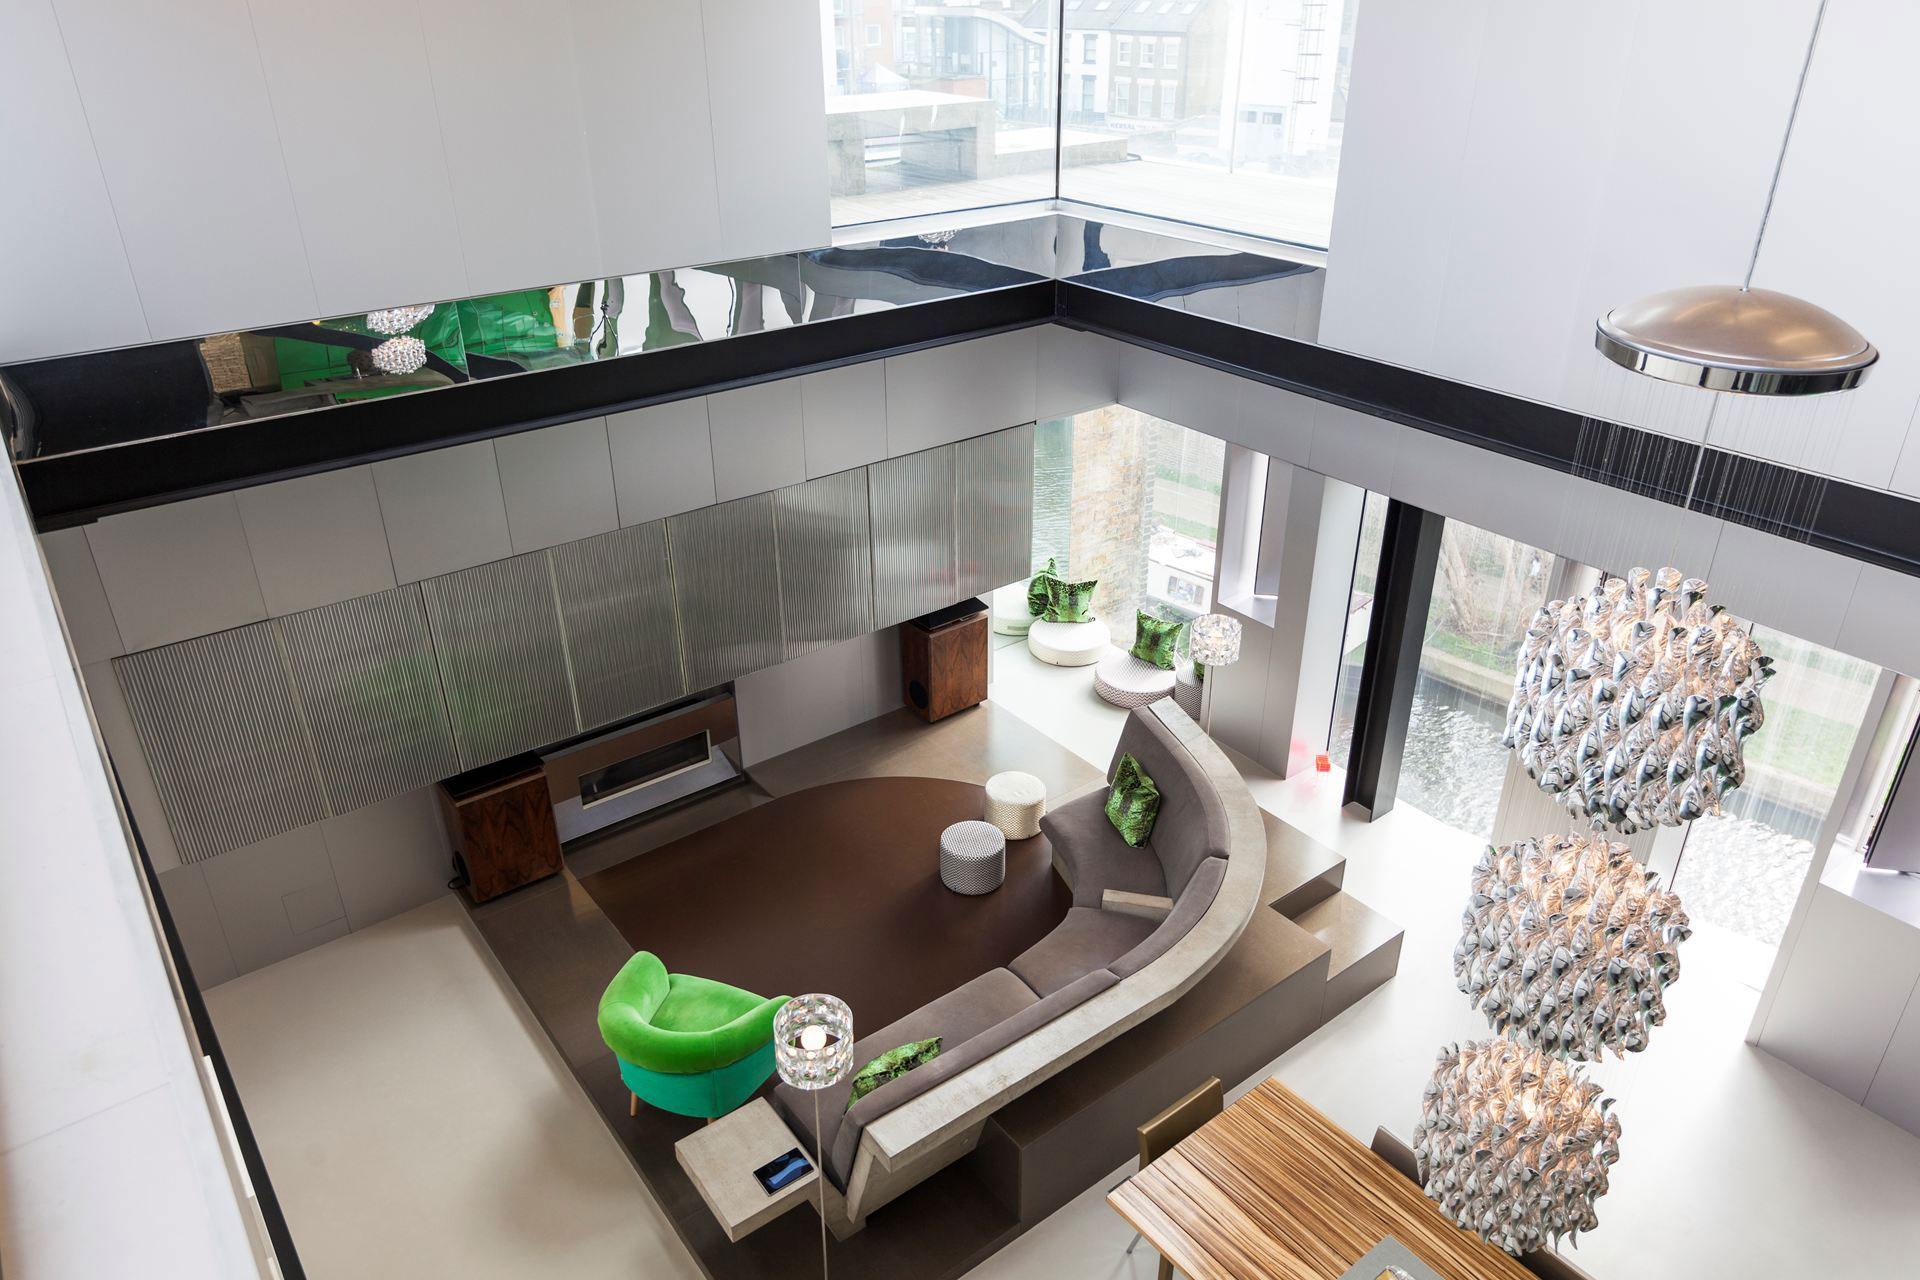 Silverlight Home in West London by Adjaye Associates-02